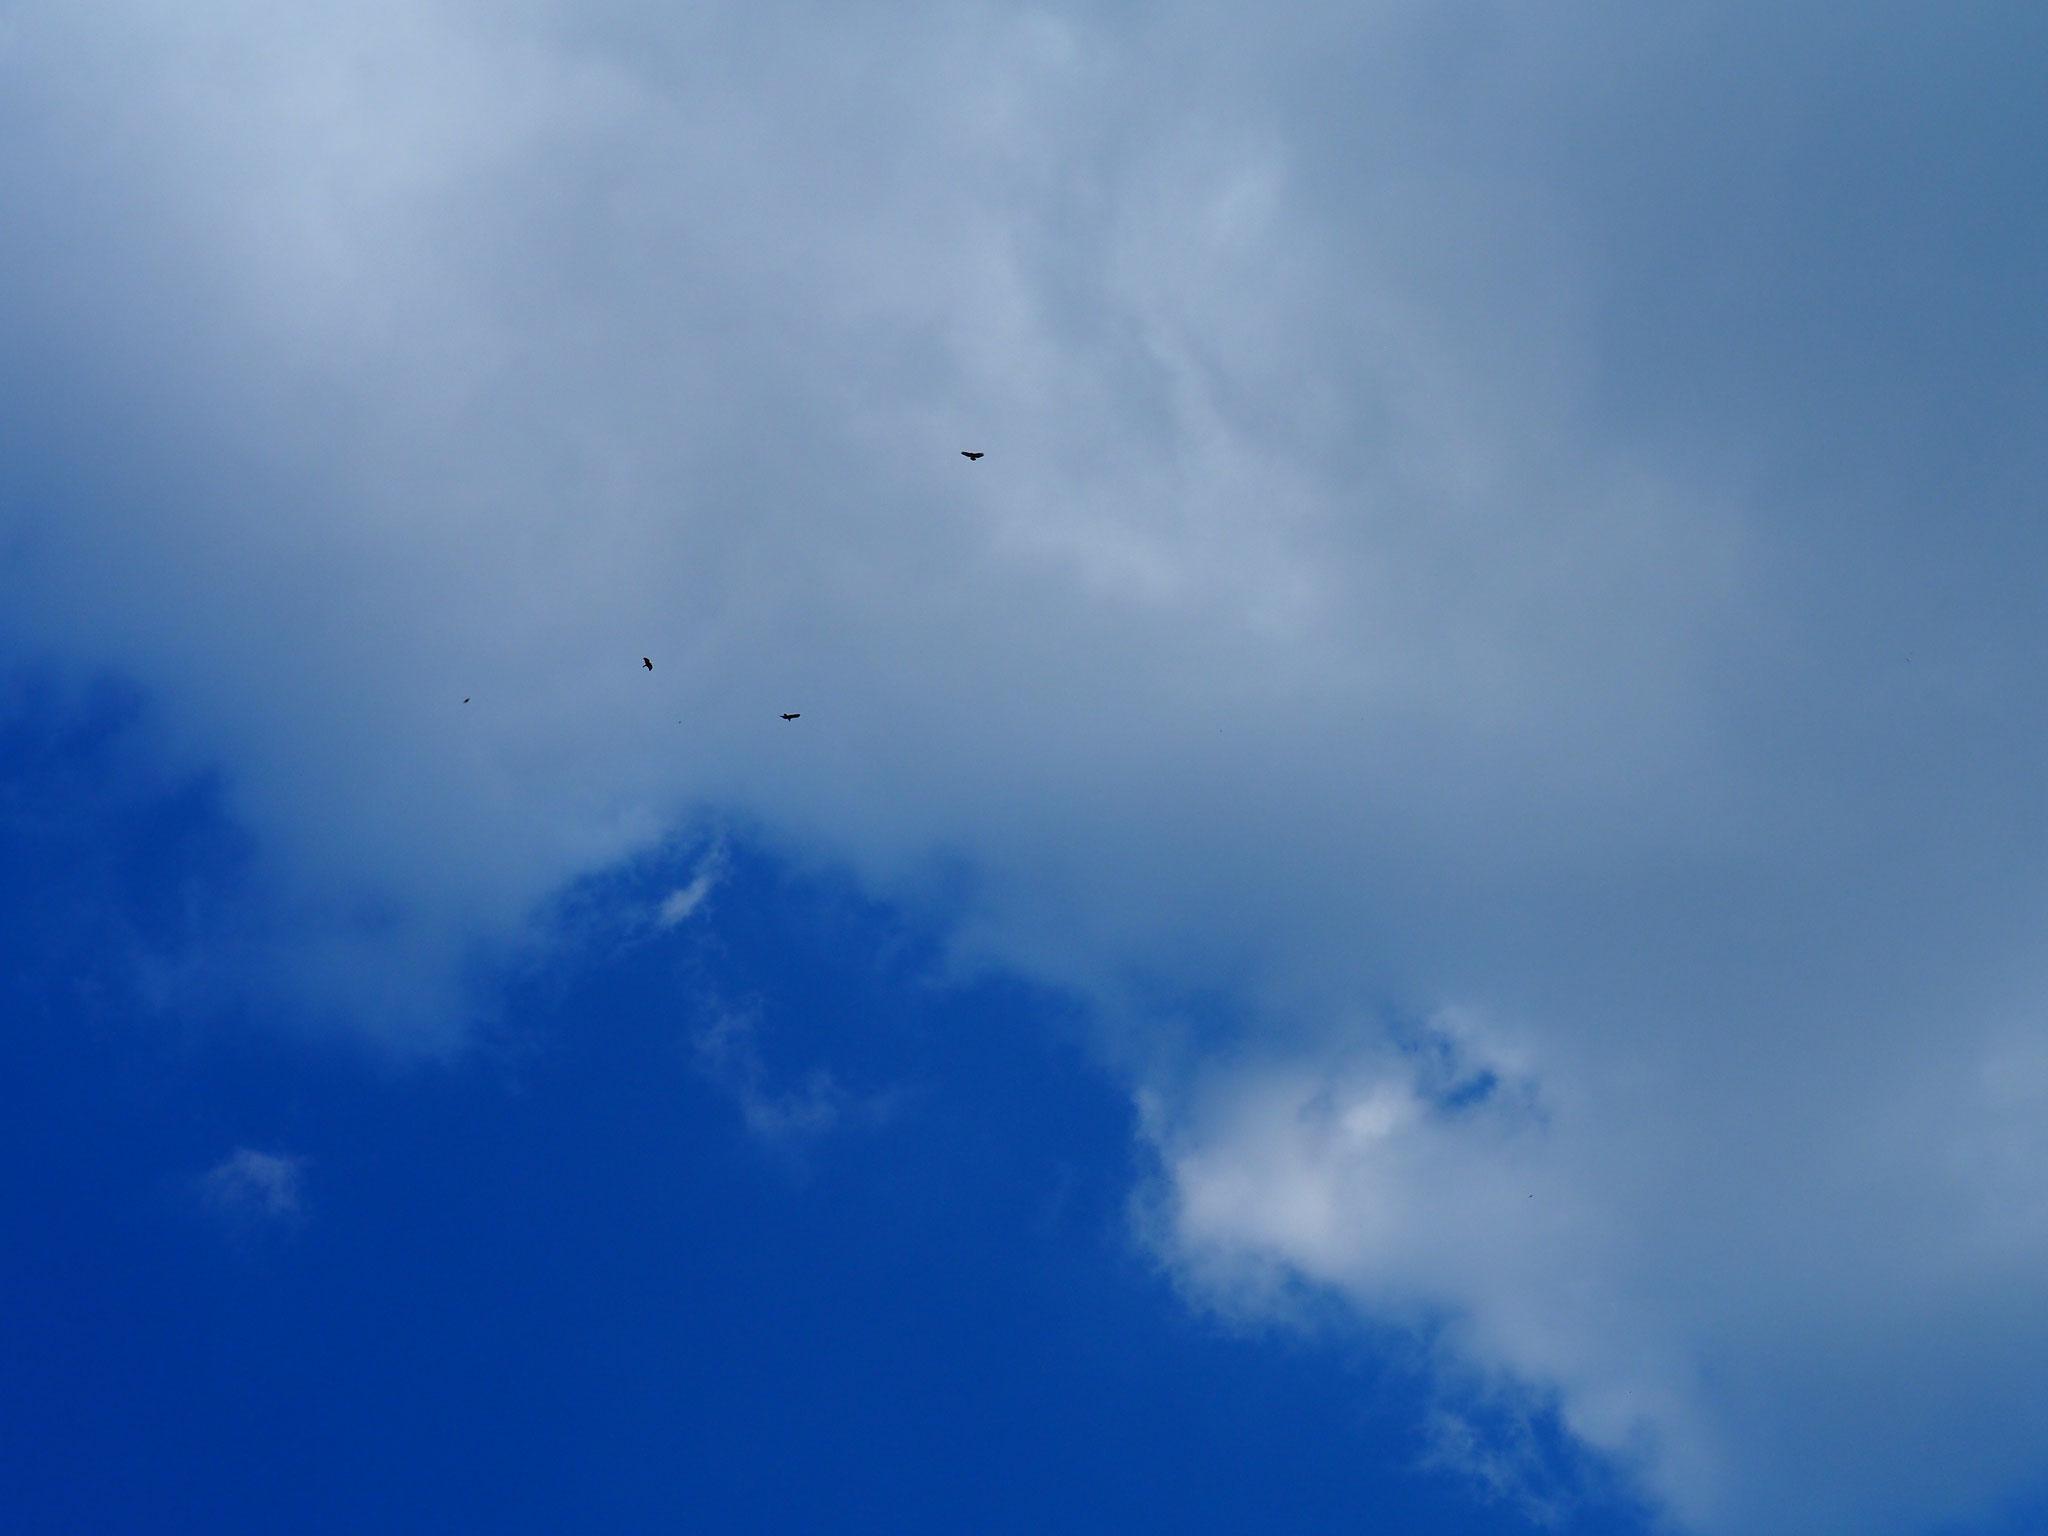 Mitte März keine Flugzeuge mehr am Himmel. Nur die Bussarde.